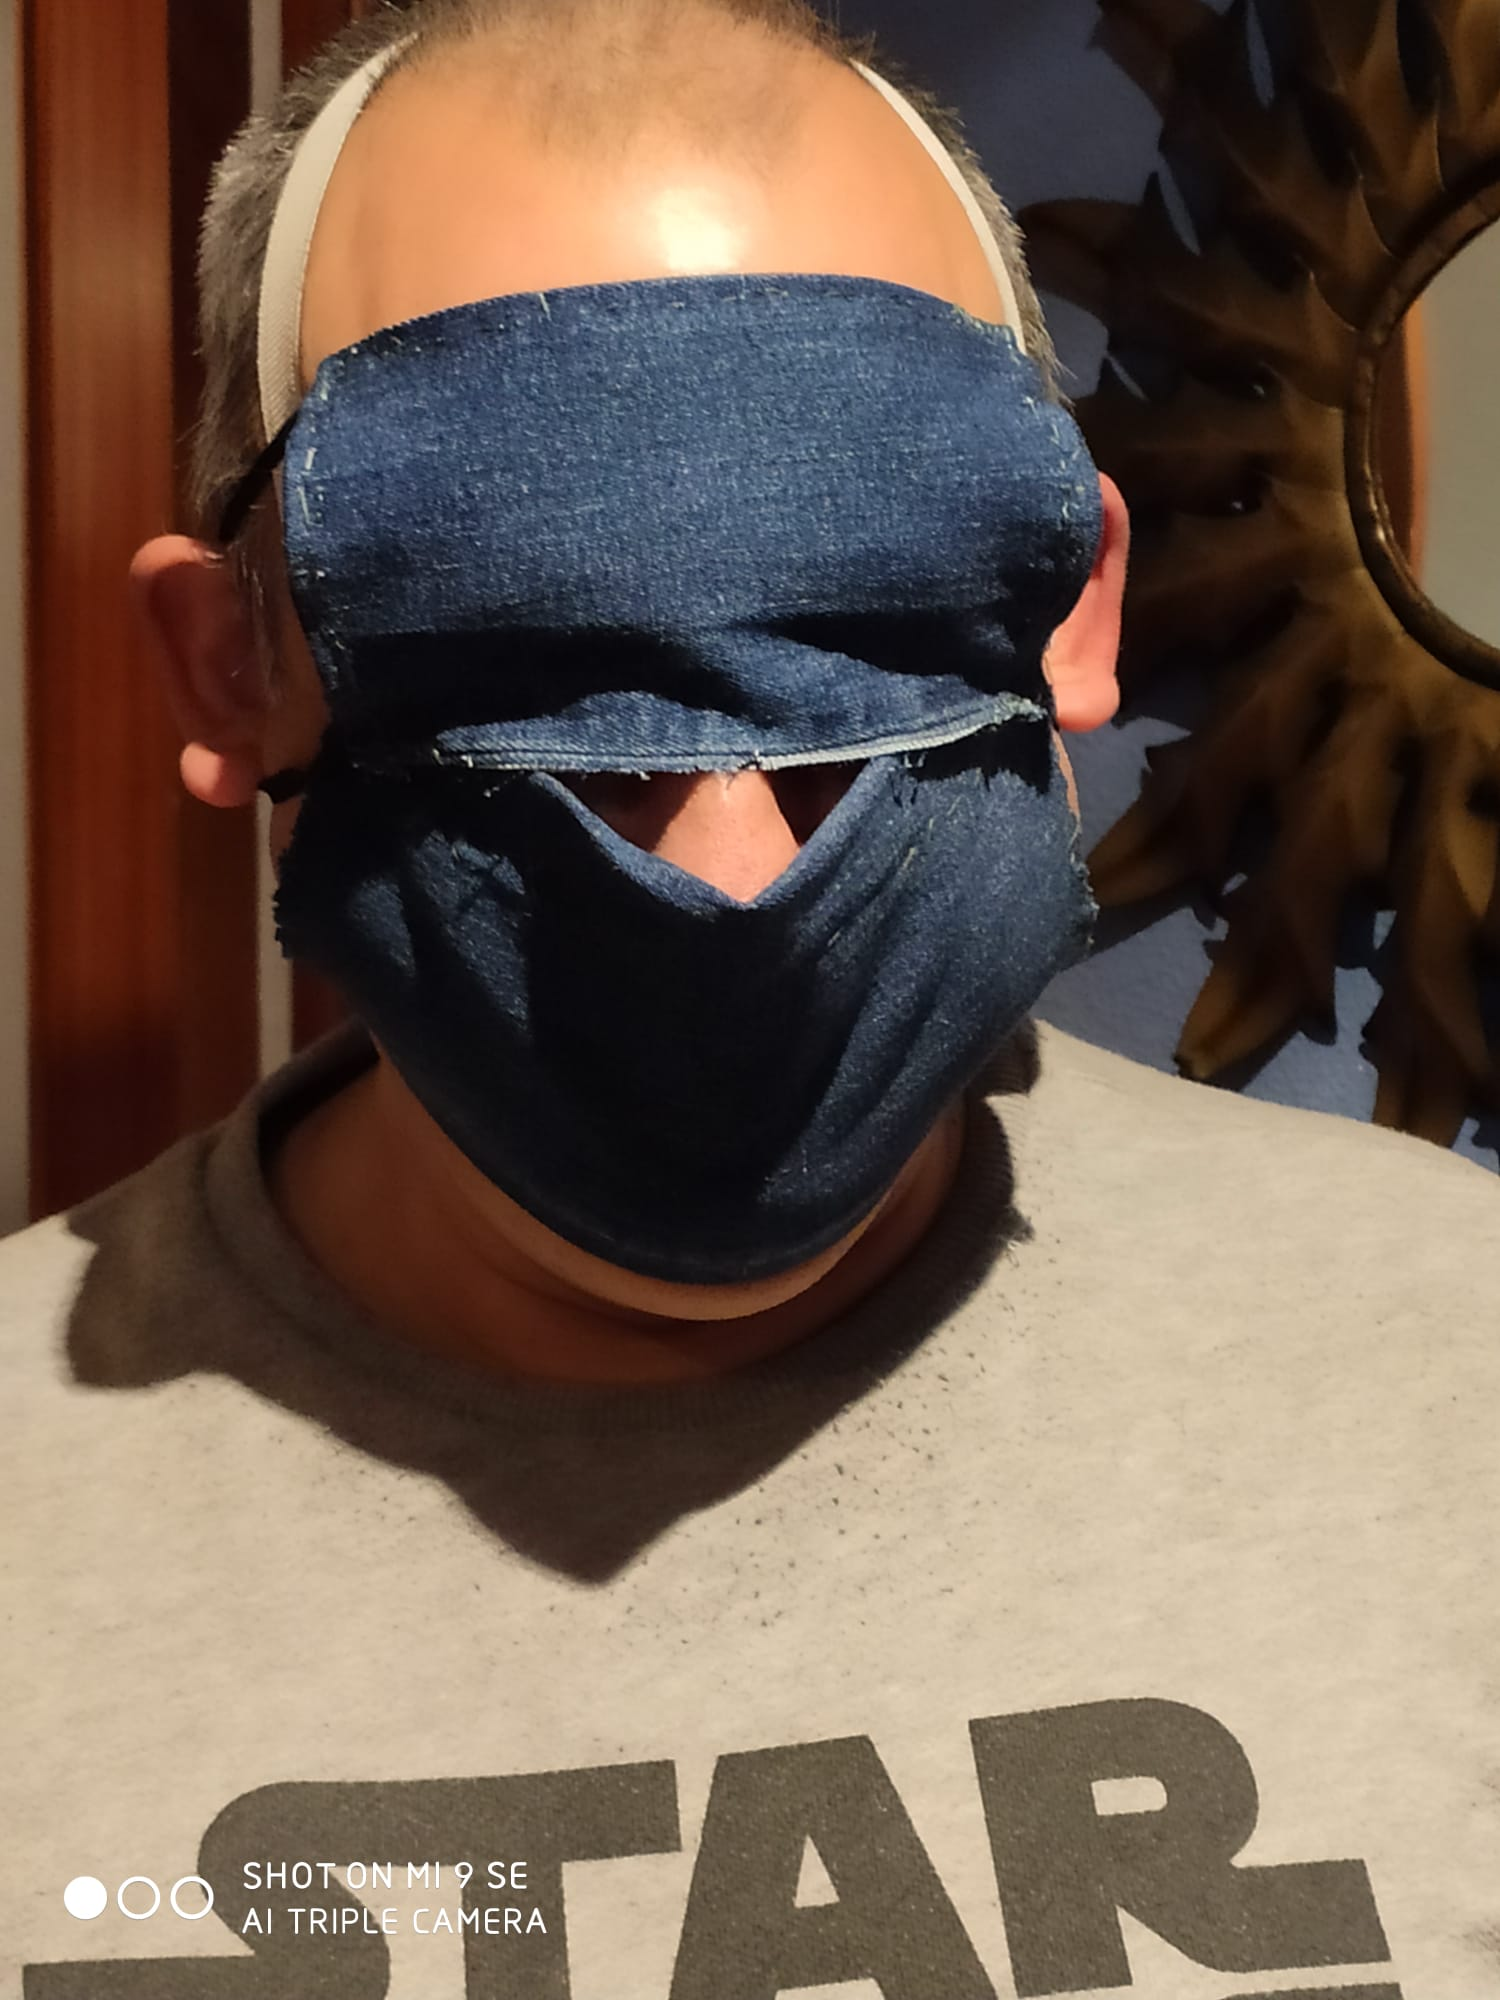 Por qué las mascarillas caseras y/o no reglamentarias no ayudan mucho